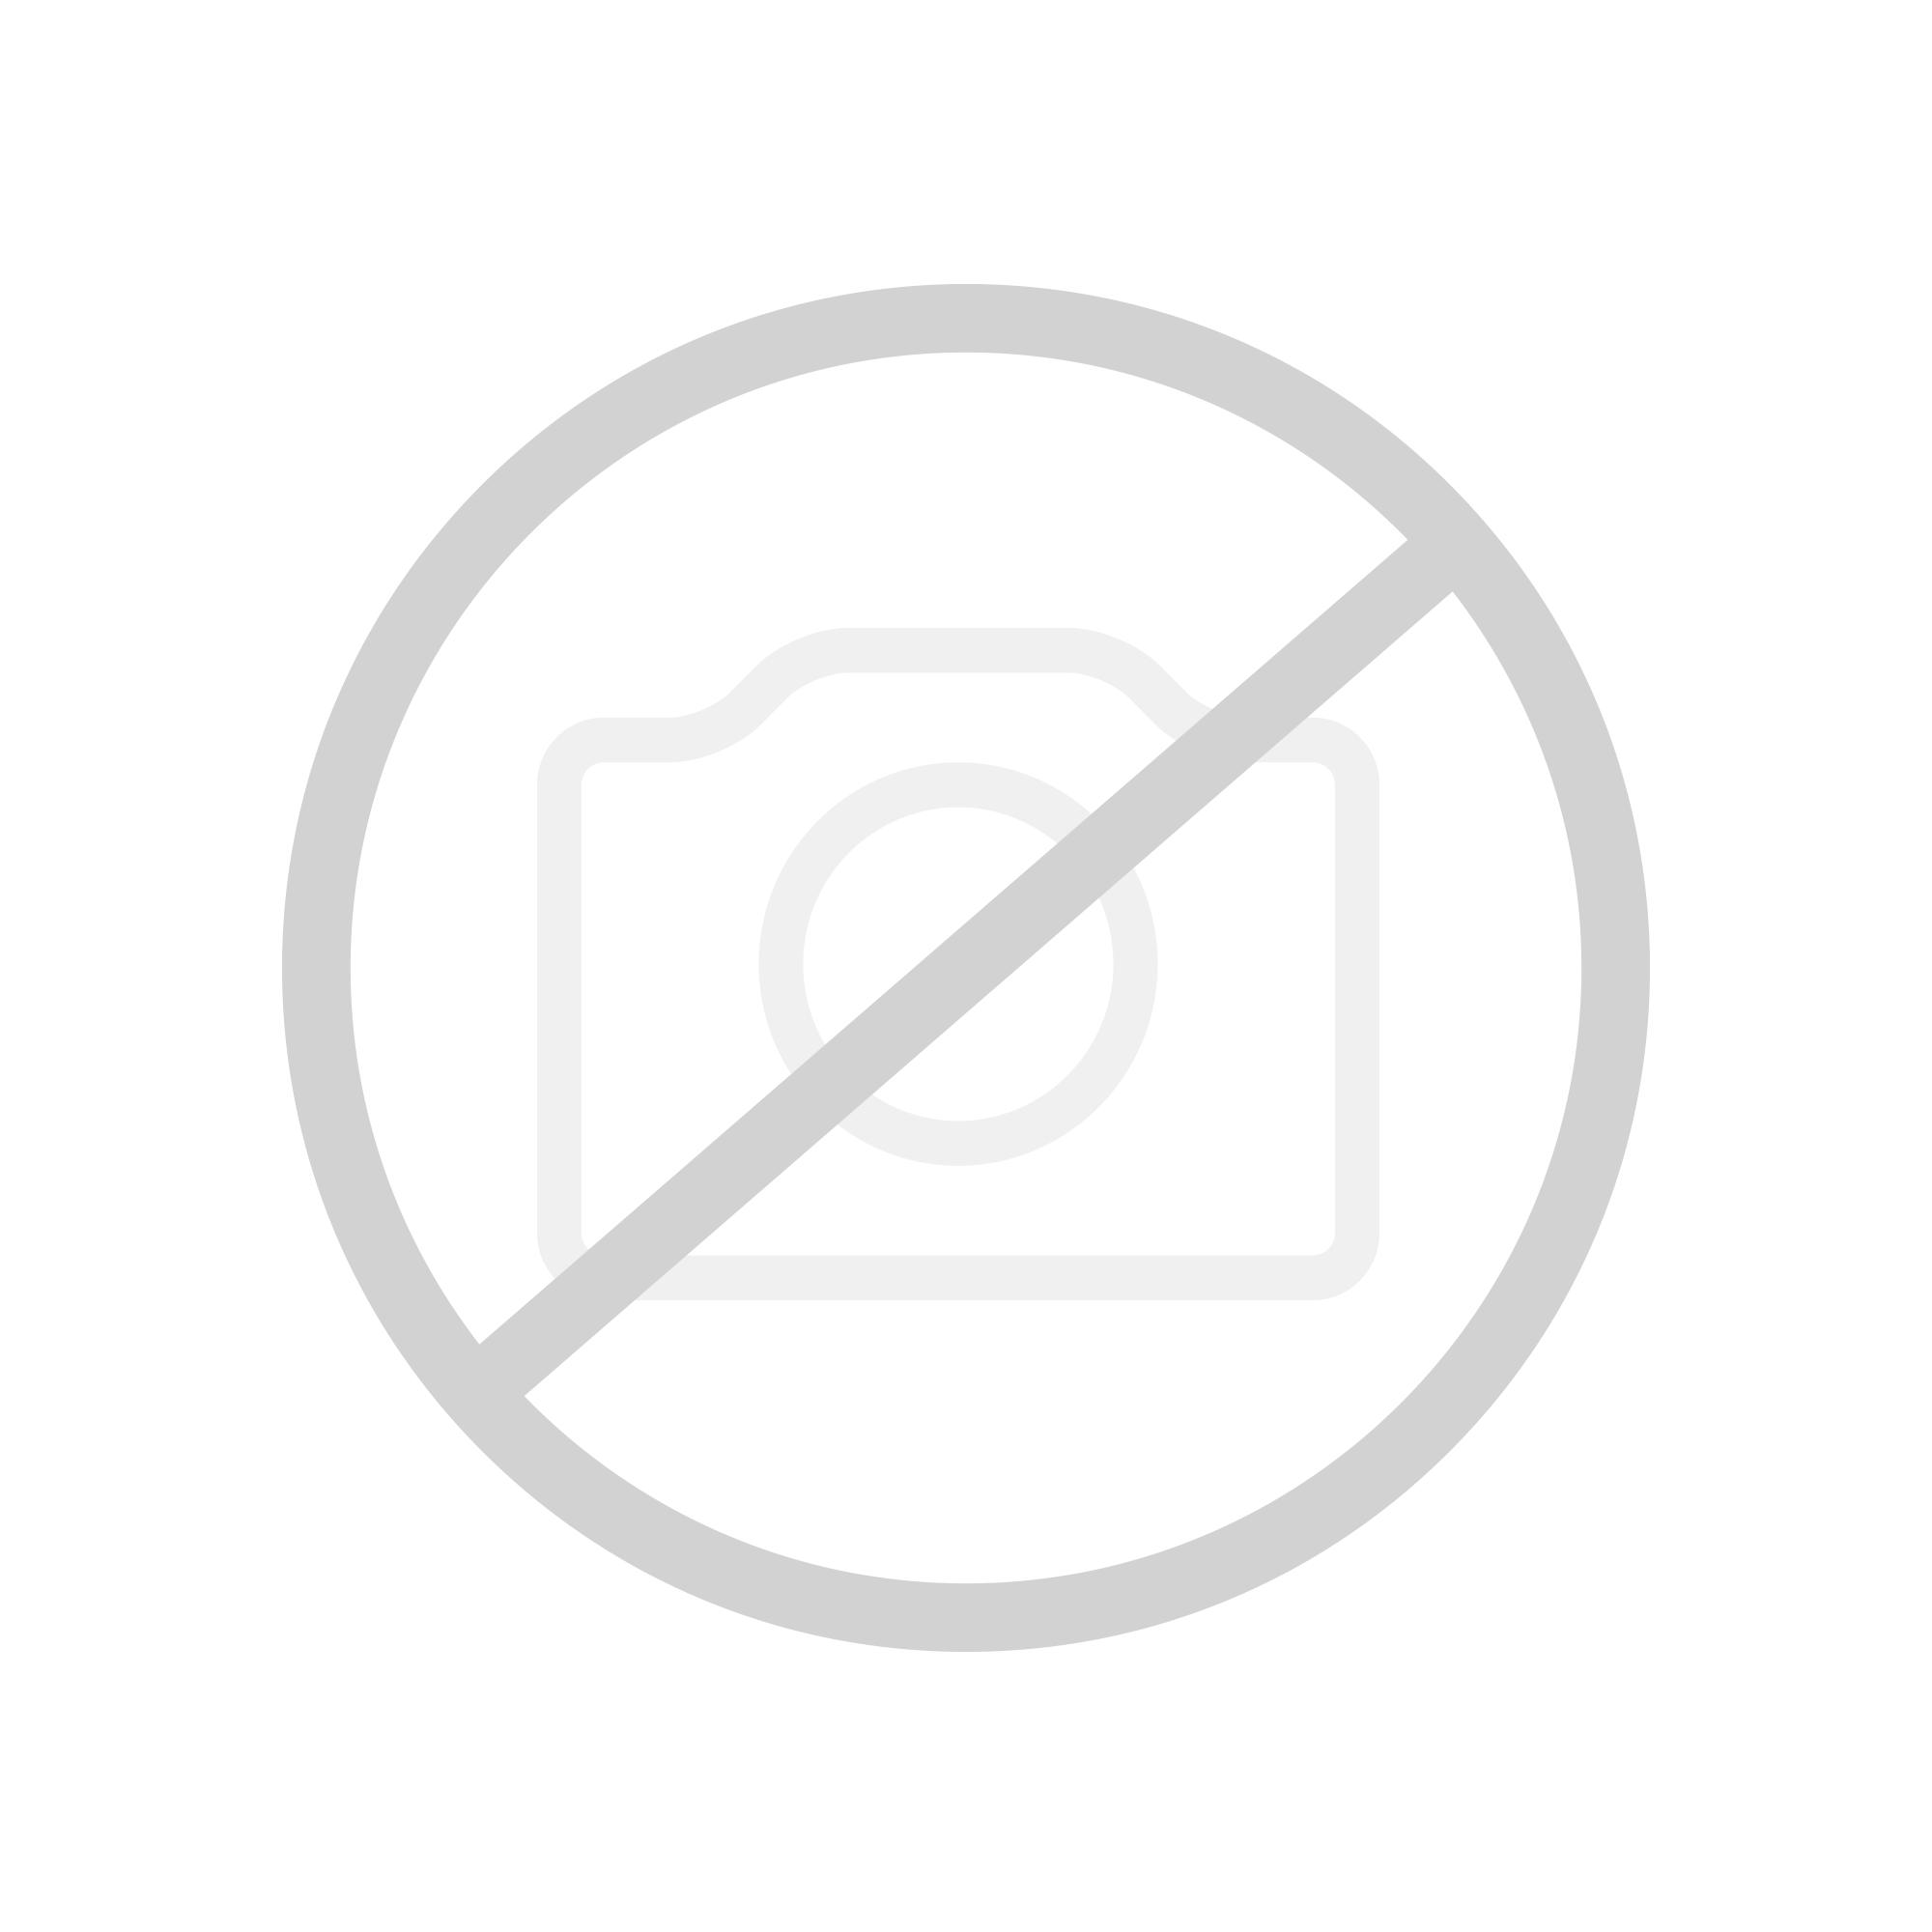 Keramag iCon Keramik-Spülkasten, Zulauf seitlich links/rechts weiß